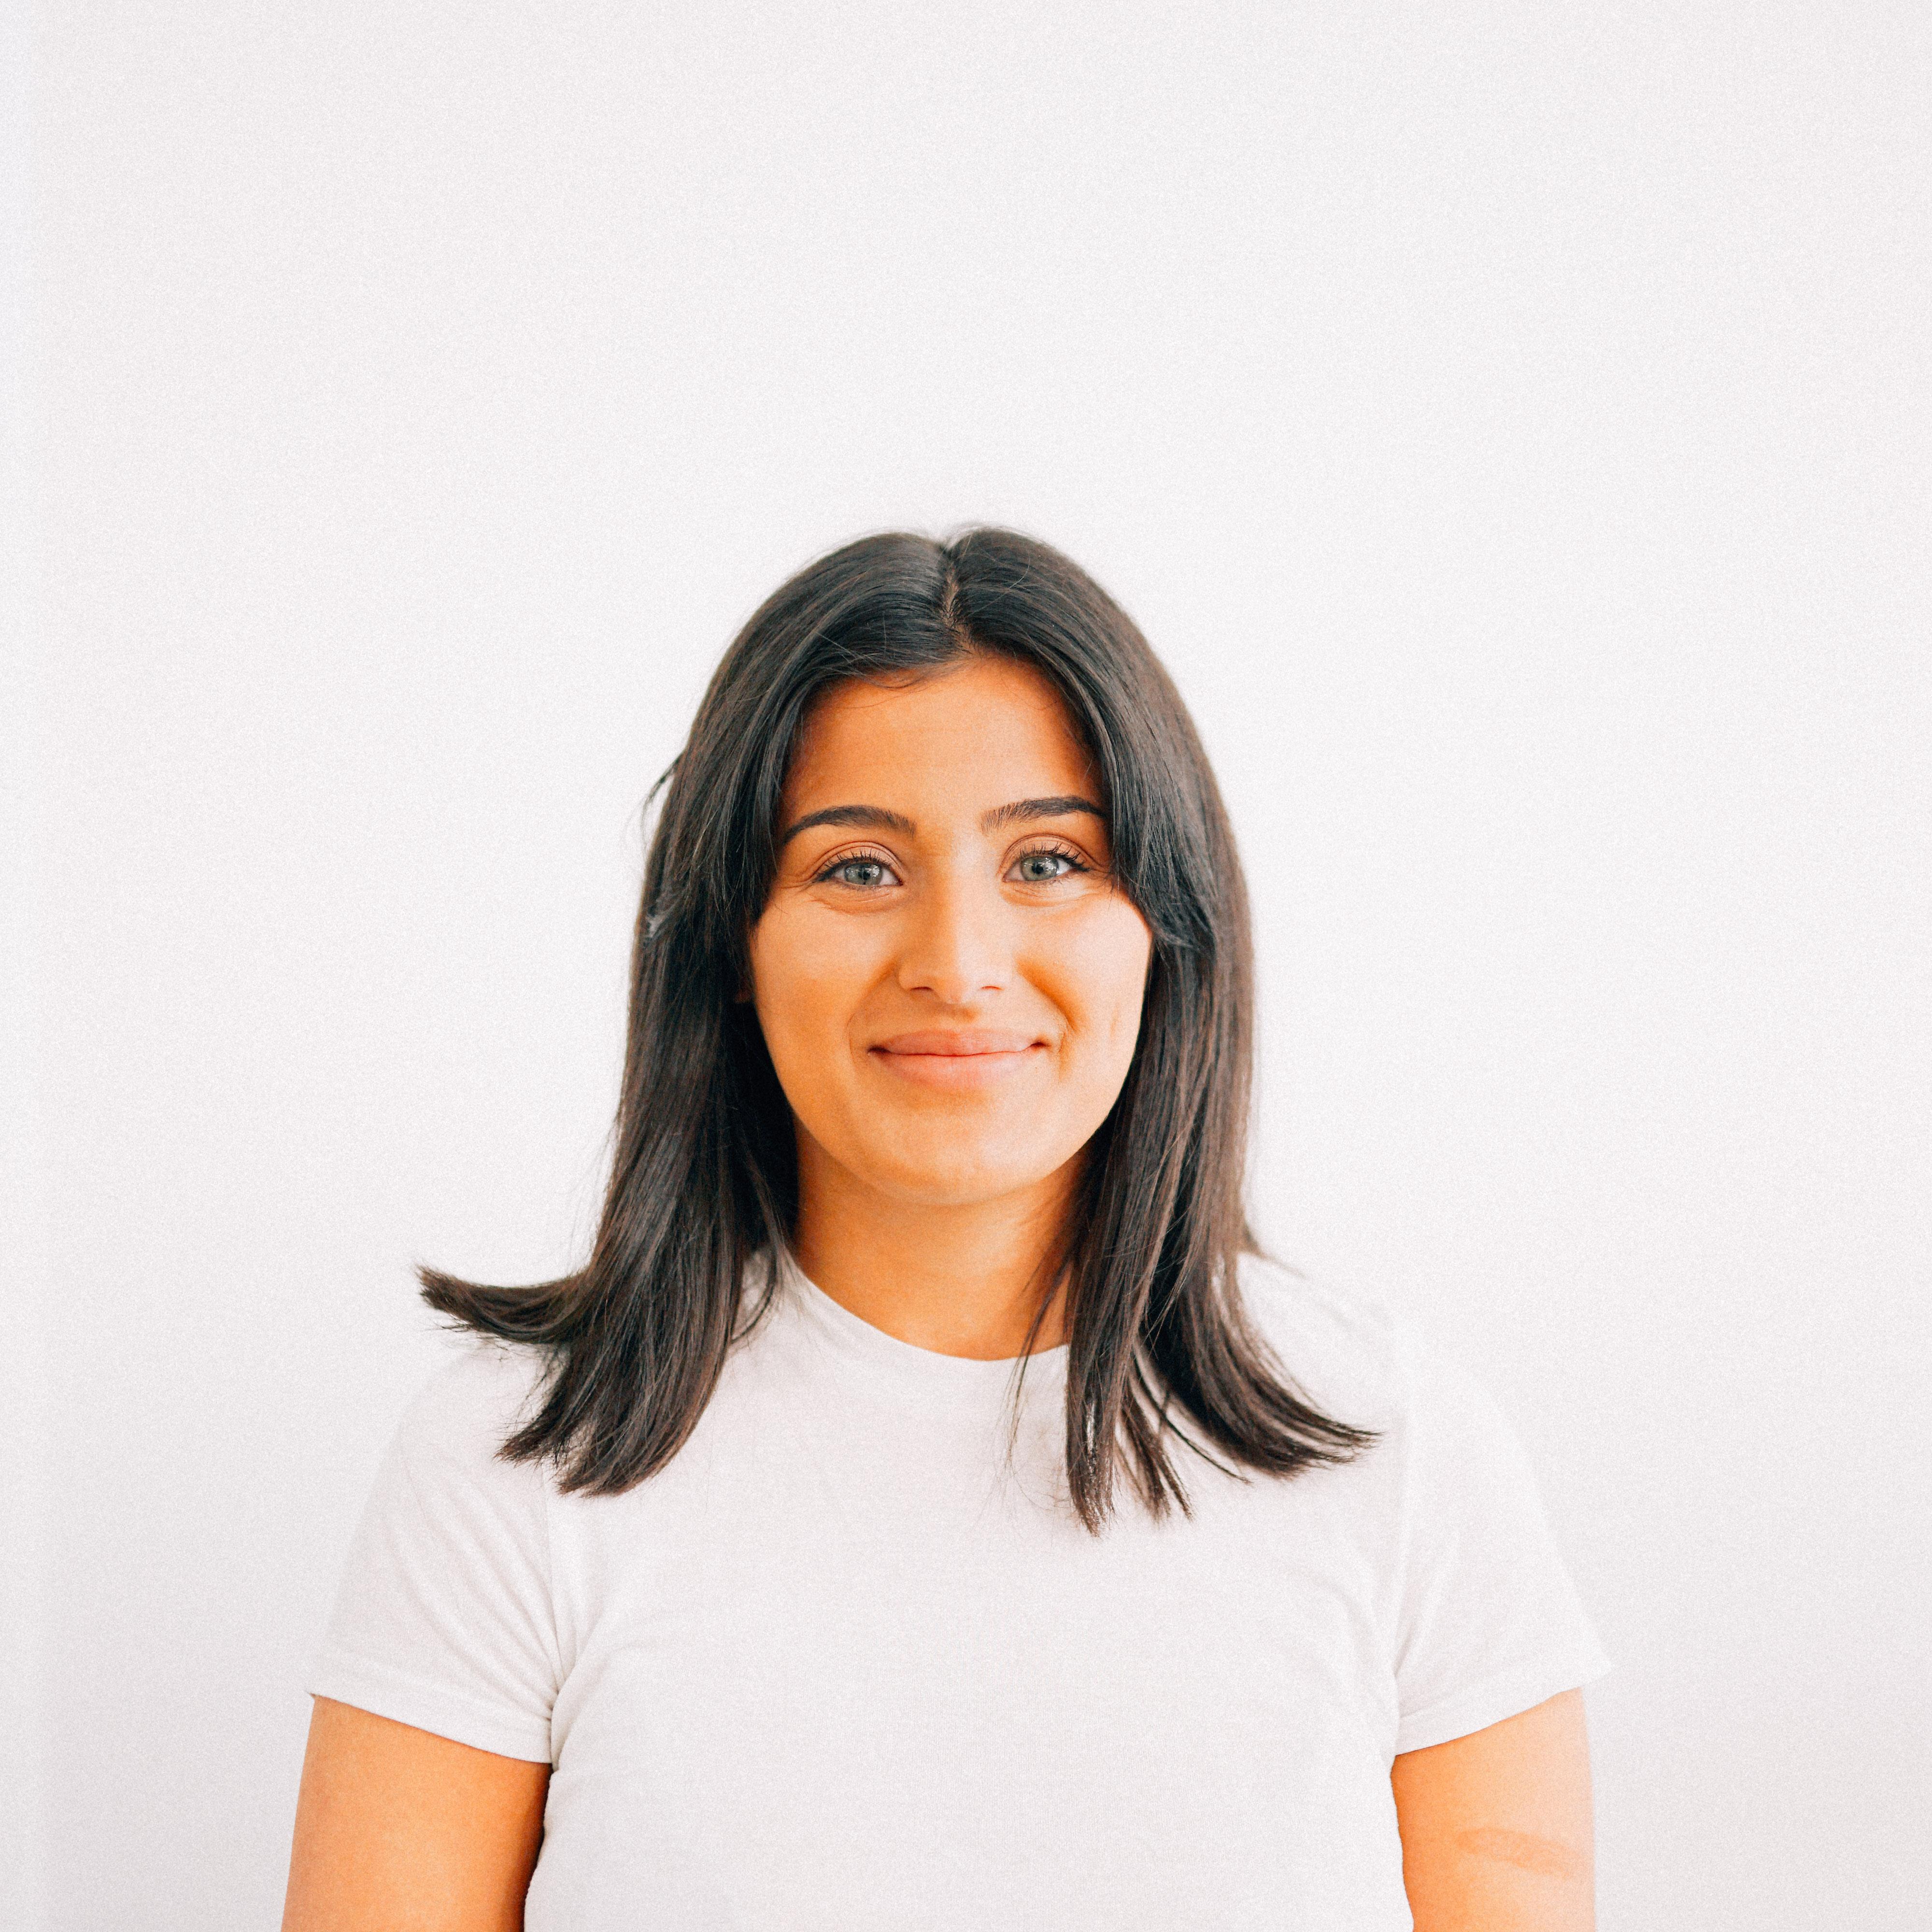 Linda Abul-Kasim